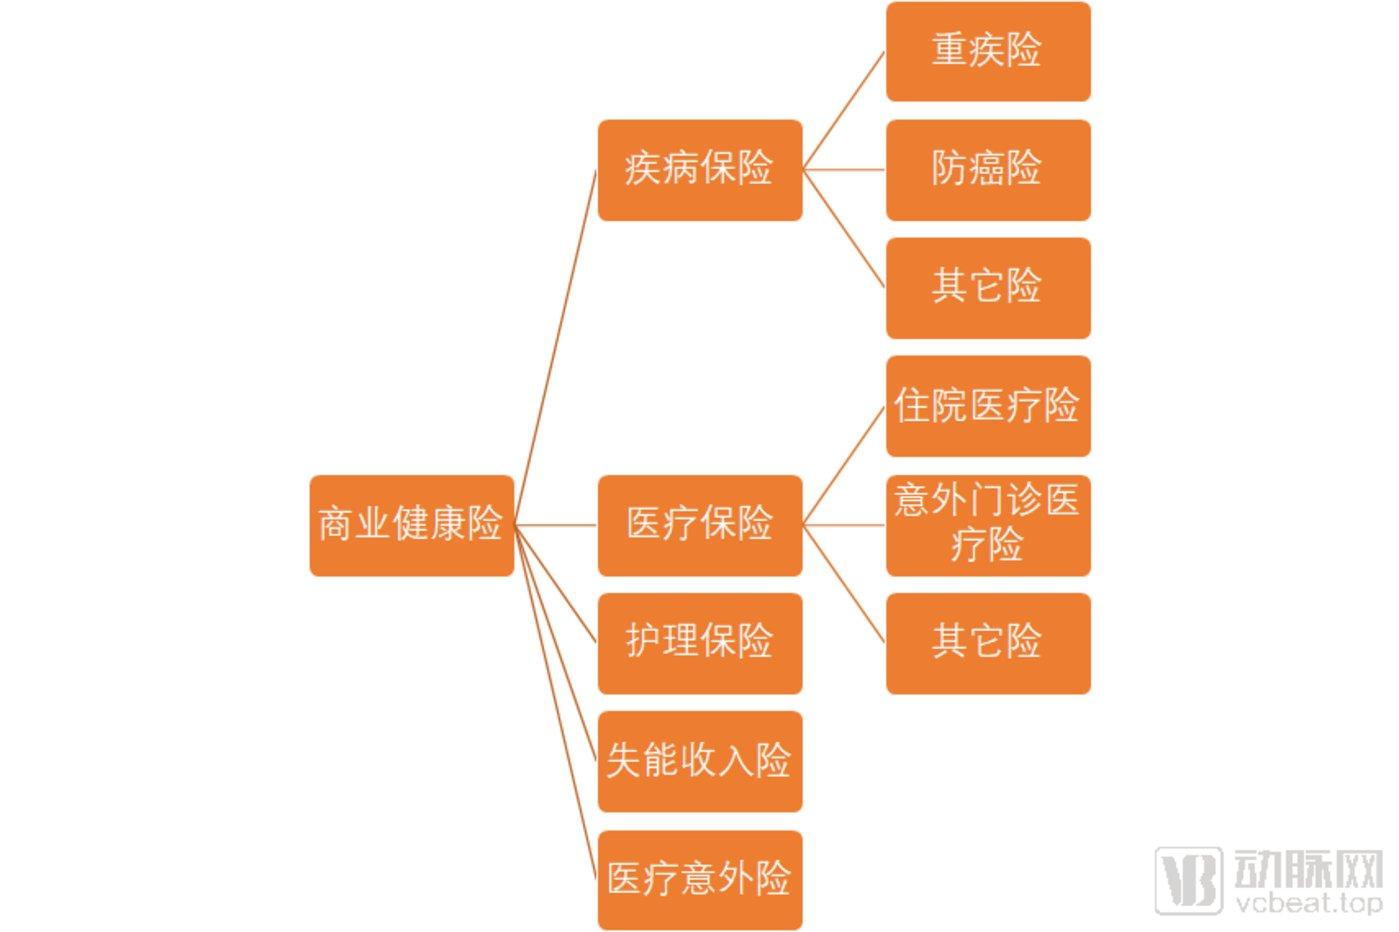 (注:图中的二级分类,根据不同分类依据可分为不同险种,本文根据叙事的需要将其分为如上门类)